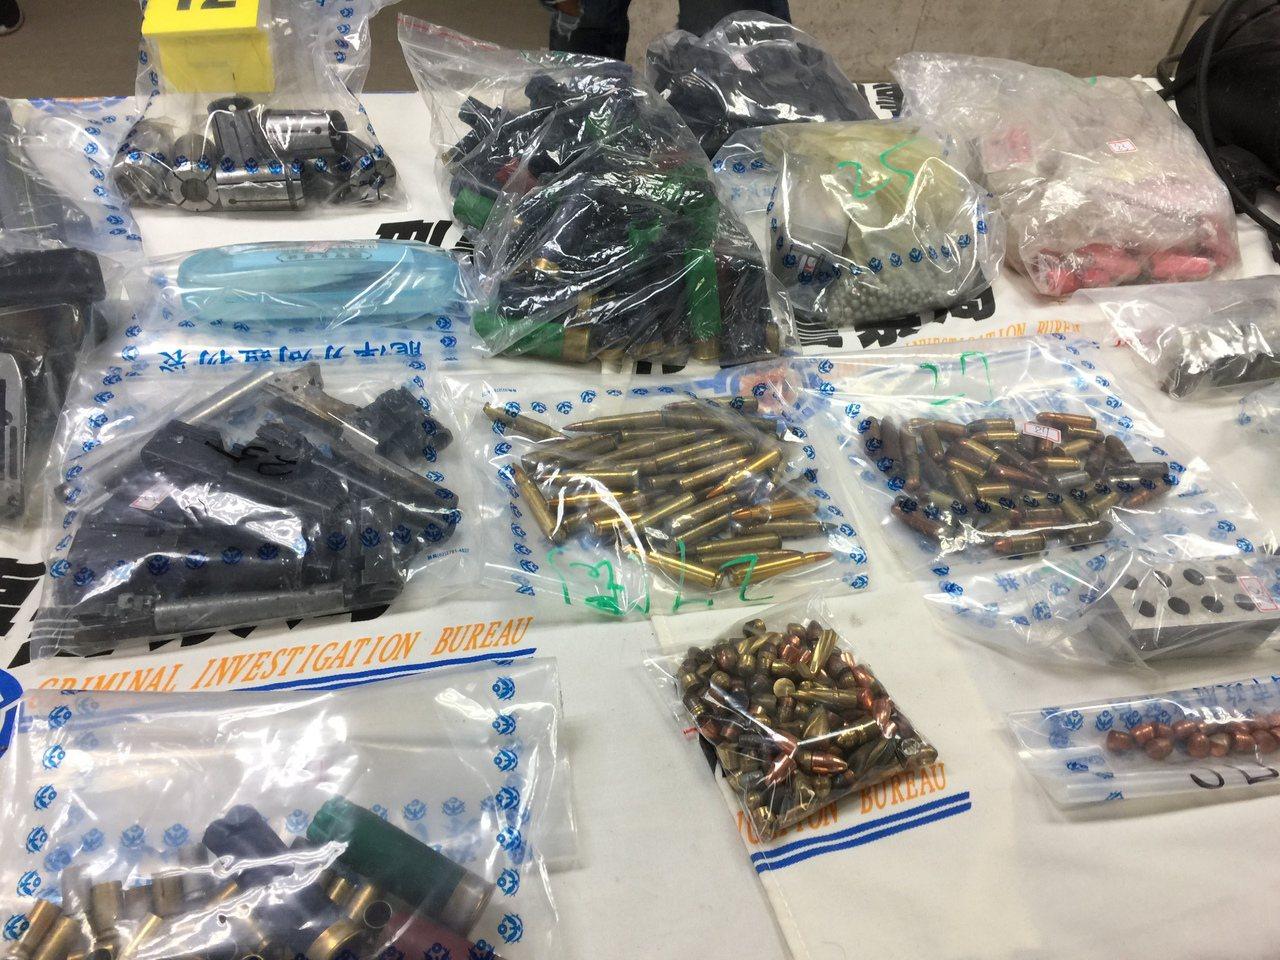 警方在兵工廠內搜出手槍彈、長槍彈和霰彈百餘發。記者陳金松/攝影